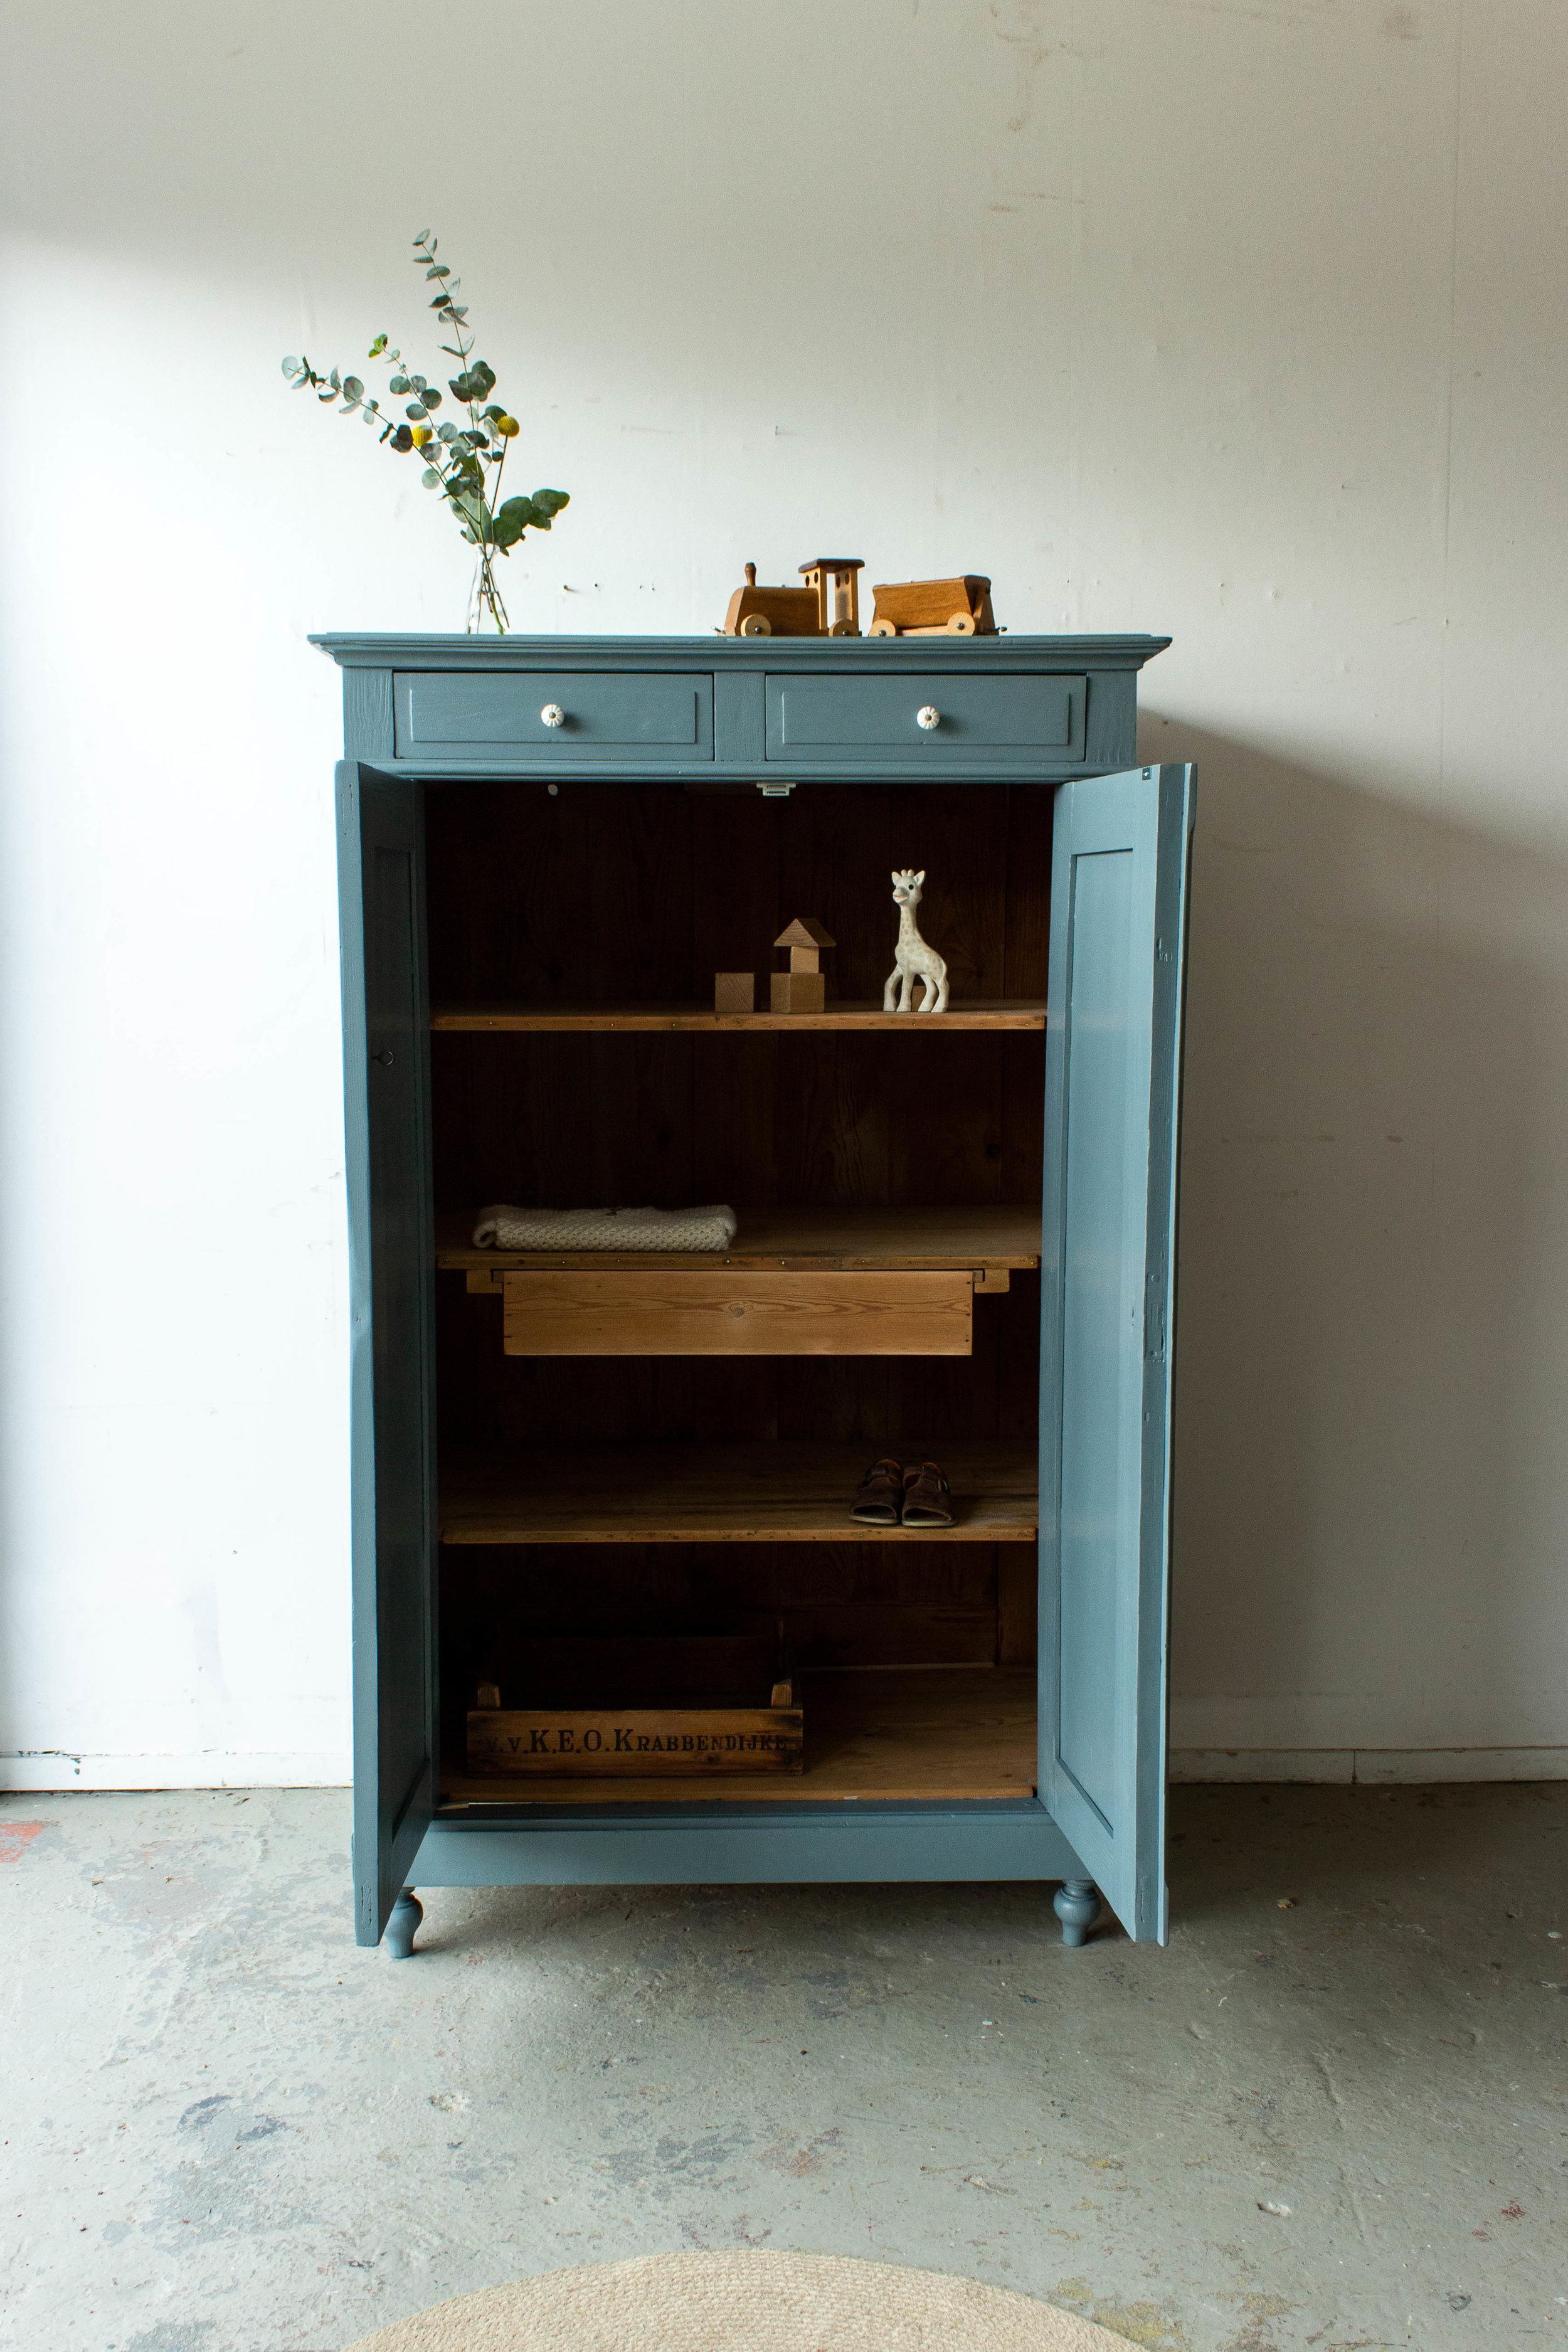 1491 - Grijsblauwe vintage meidenkast-3.jpg